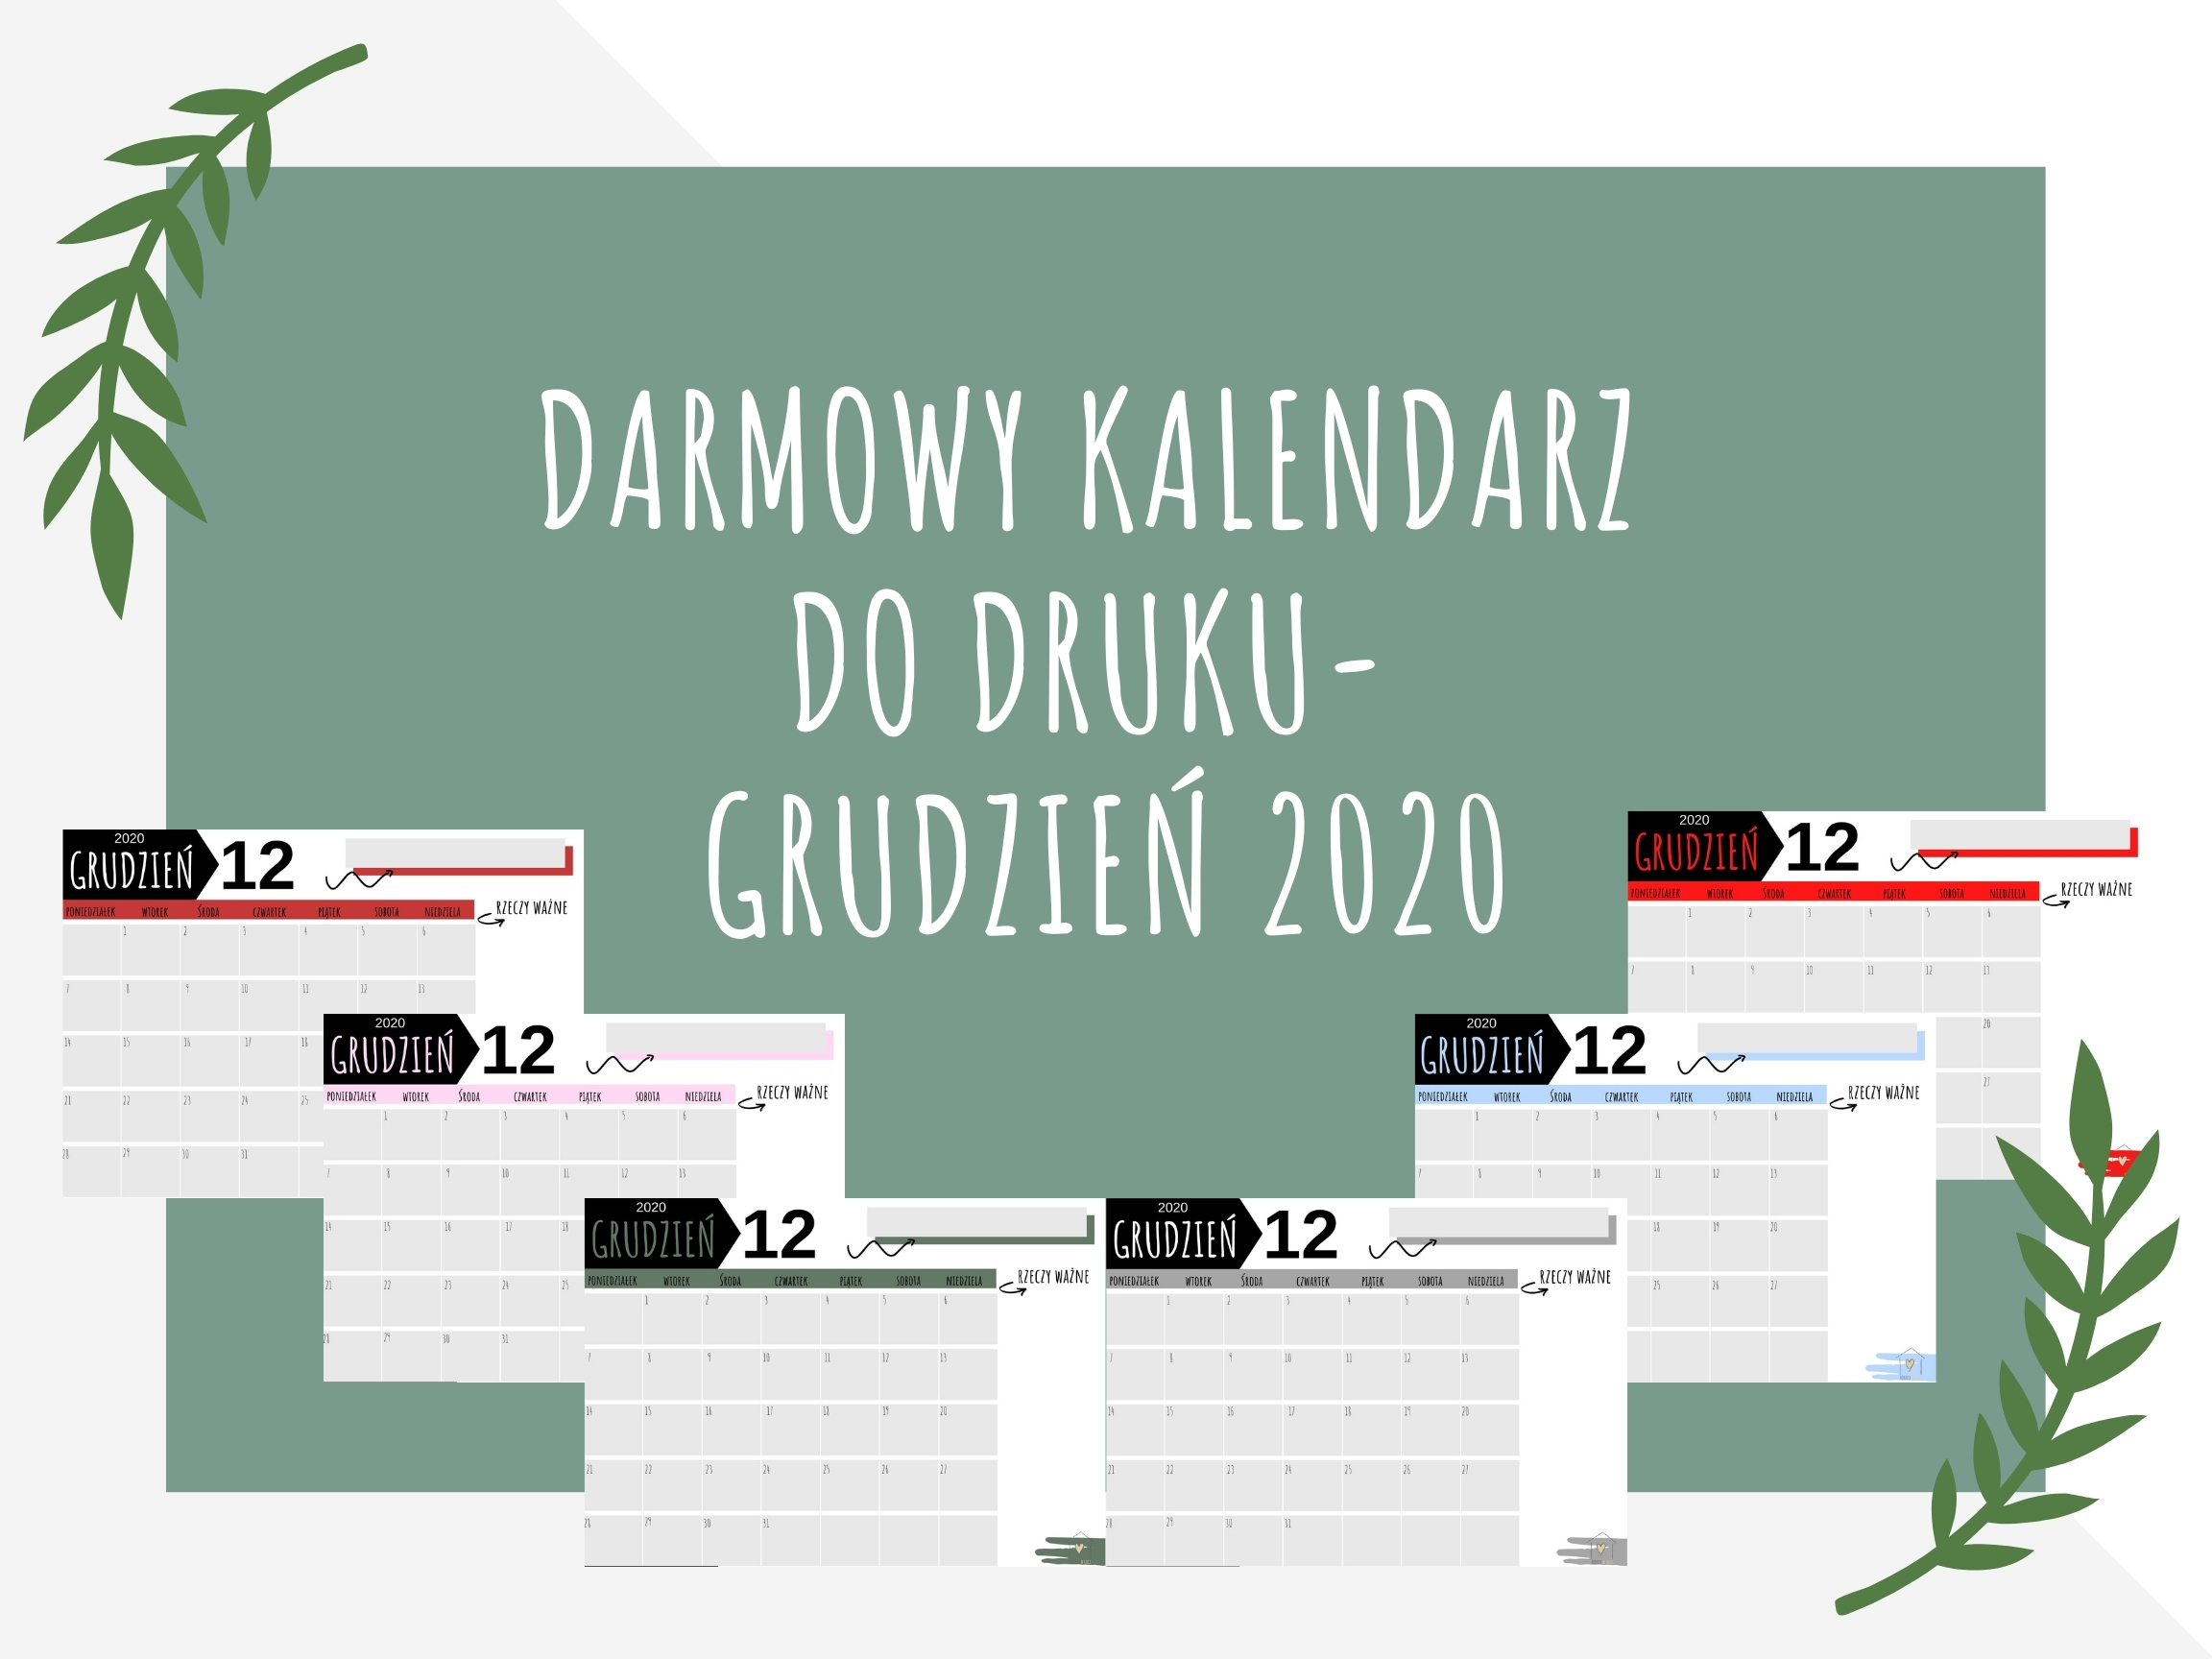 Darmowy kalendarz do druku- grudzień 2020- pobierz, drukuj, planuj!